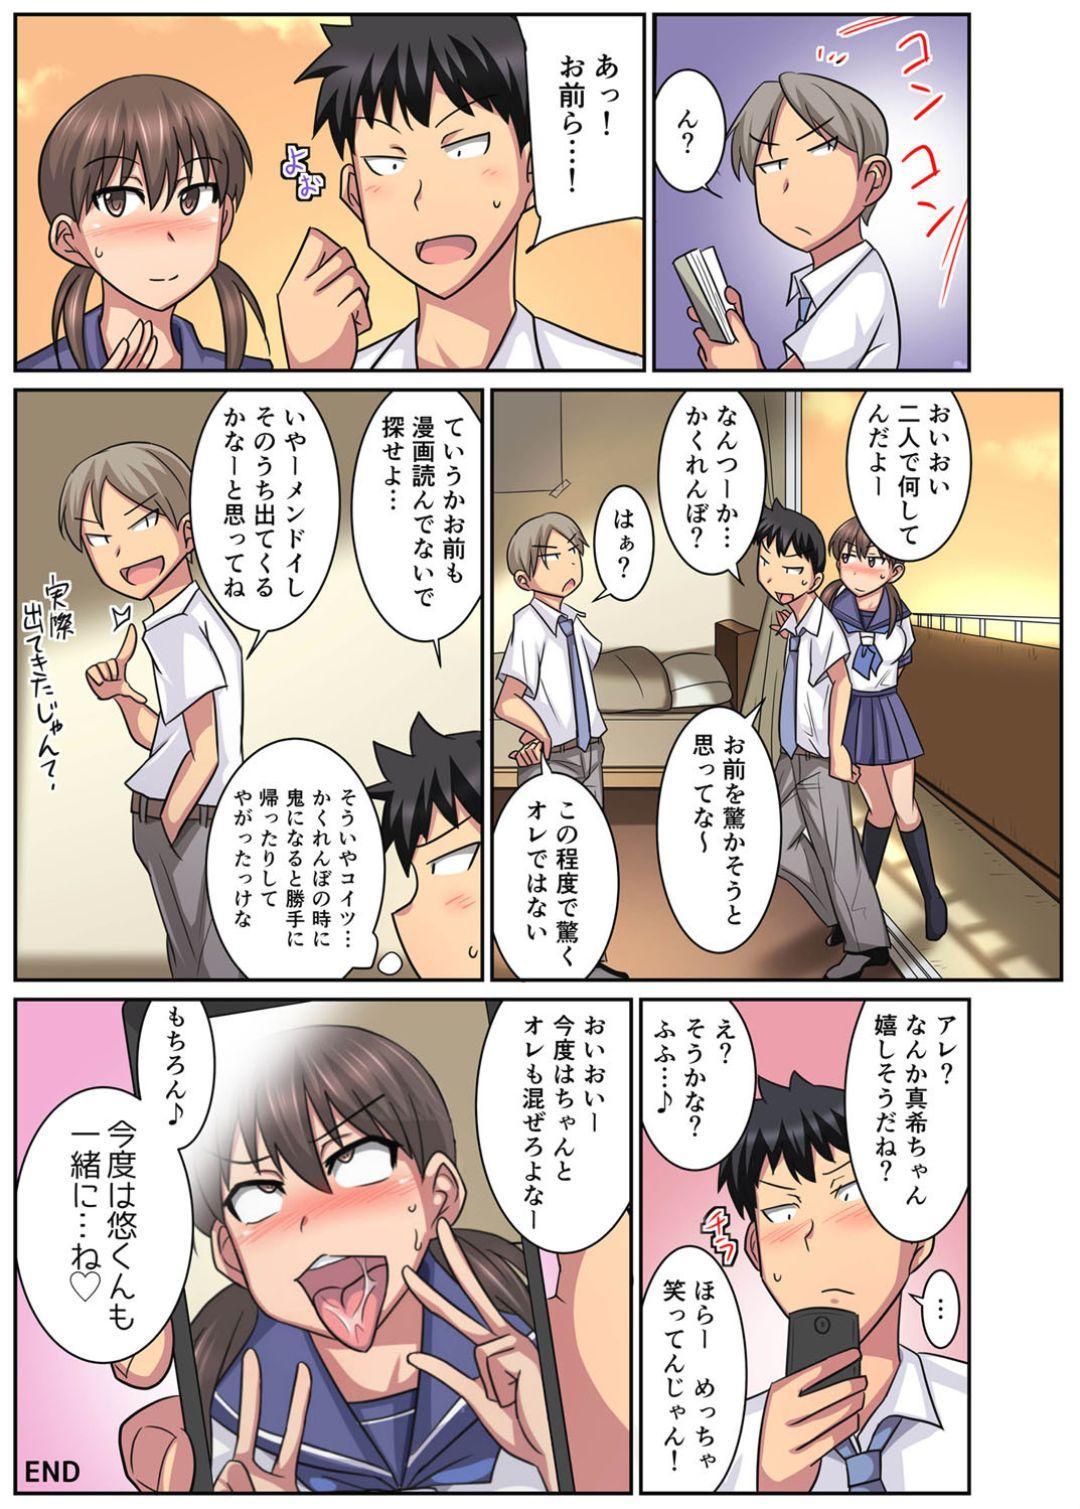 Shinyu no kanojo wa netorare kibo no seiso bitch!? 35